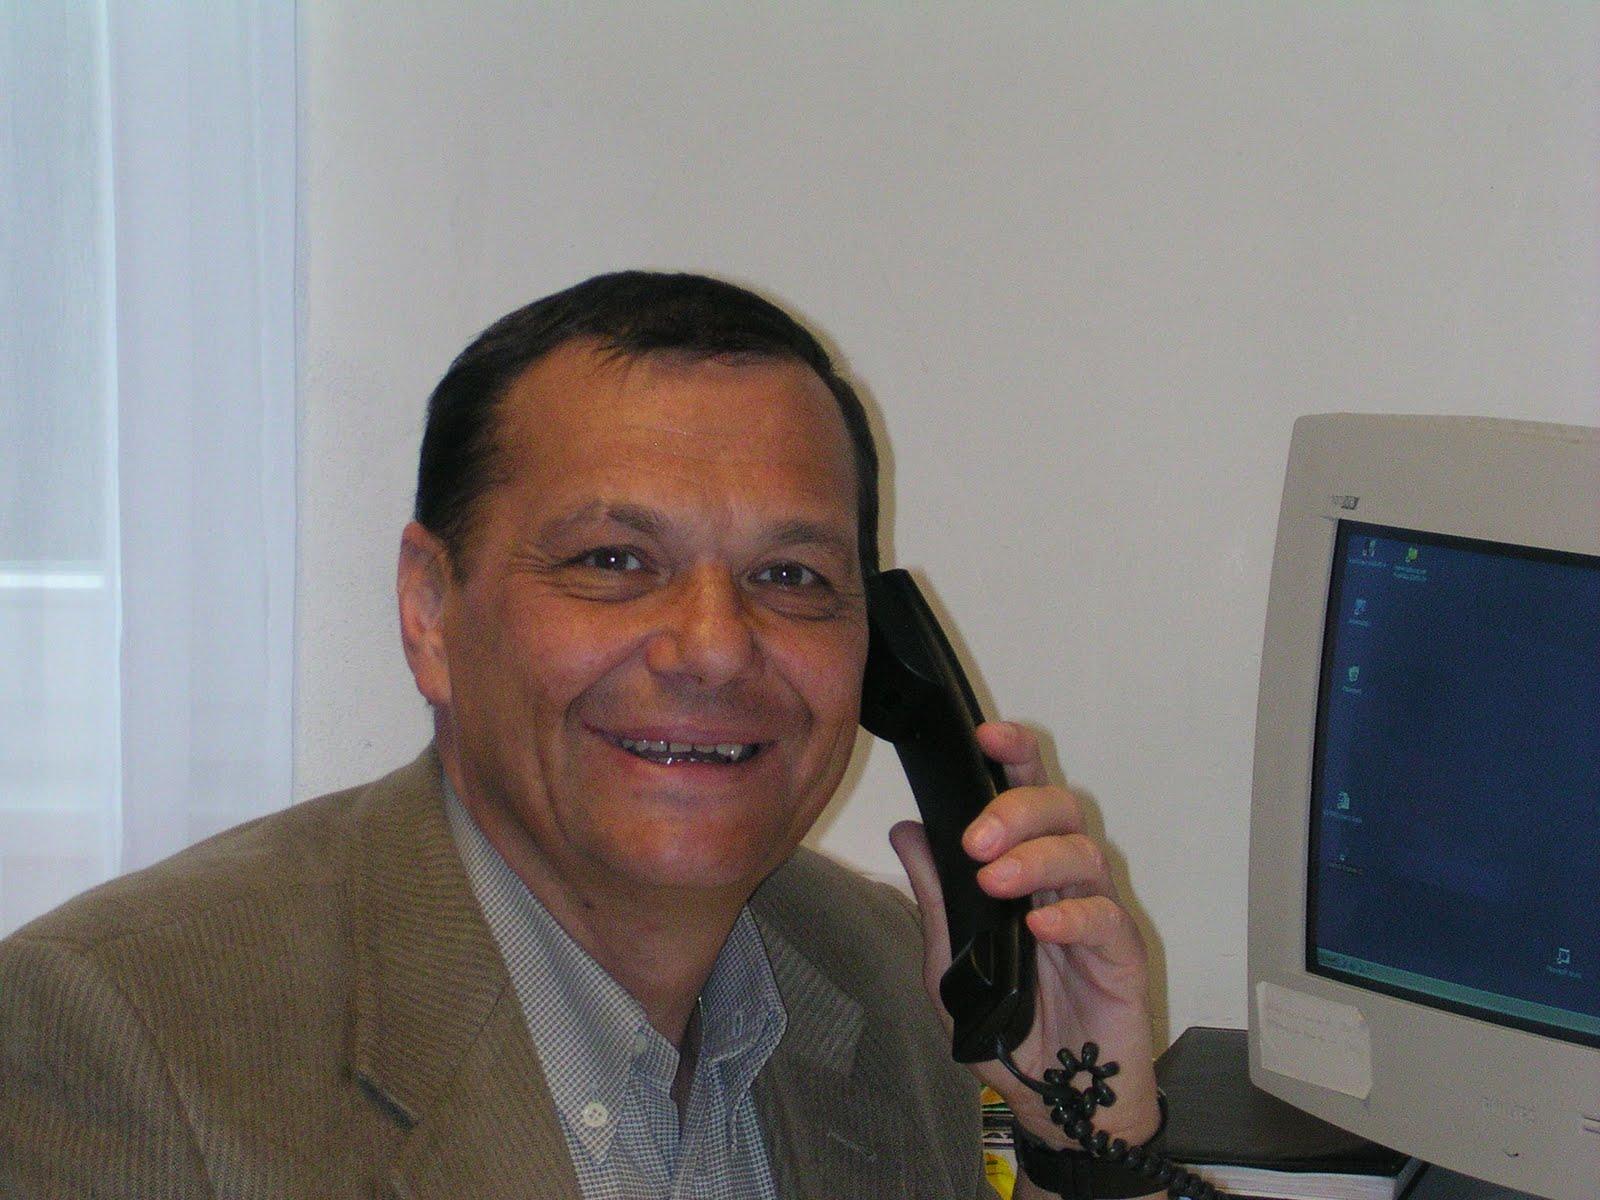 http://3.bp.blogspot.com/_IpxCkMs5kEc/TQ4U4XMZofI/AAAAAAAAAL0/p3xgXCuuIdo/s1600/Edi%2Bmit%2BTelefon.jpg